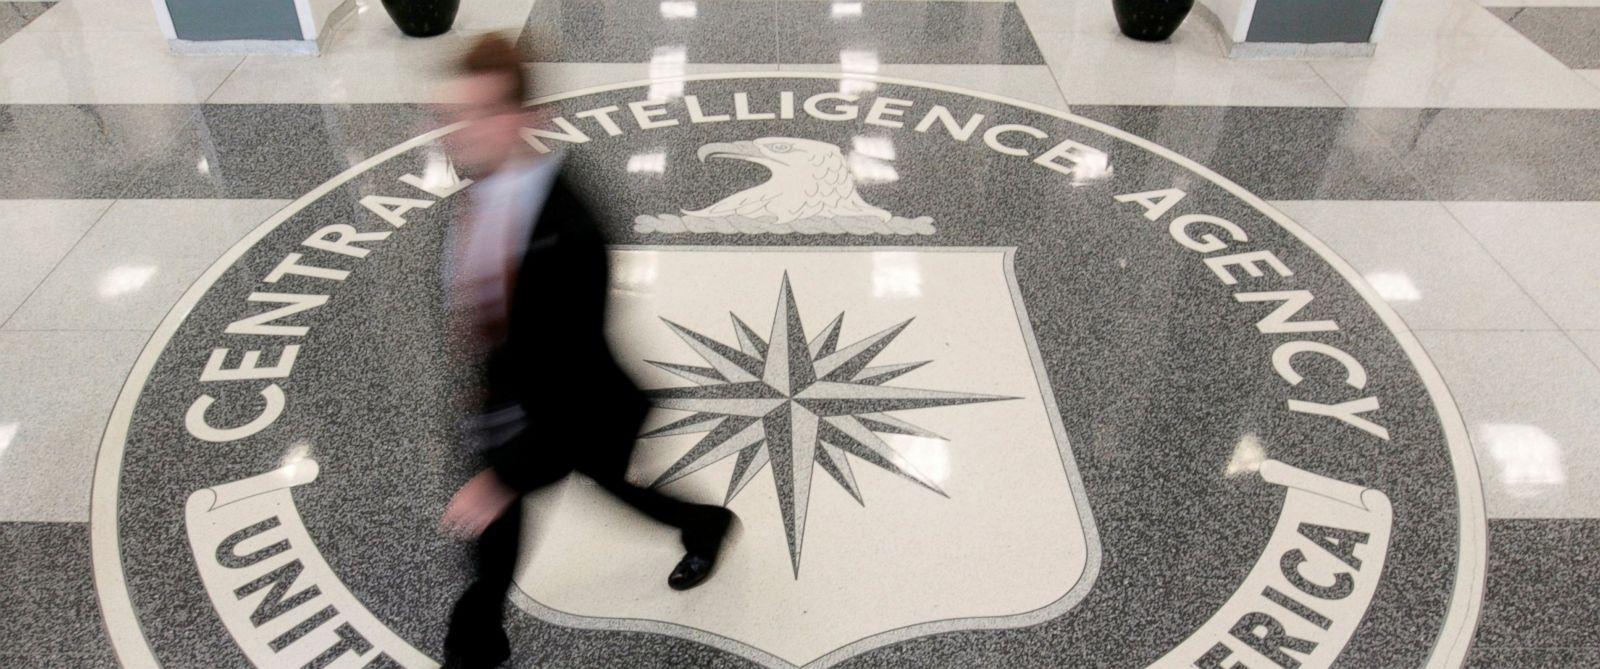 RT-wikileaks-01-as-170307_12x5_1600_1488979135090.jpg